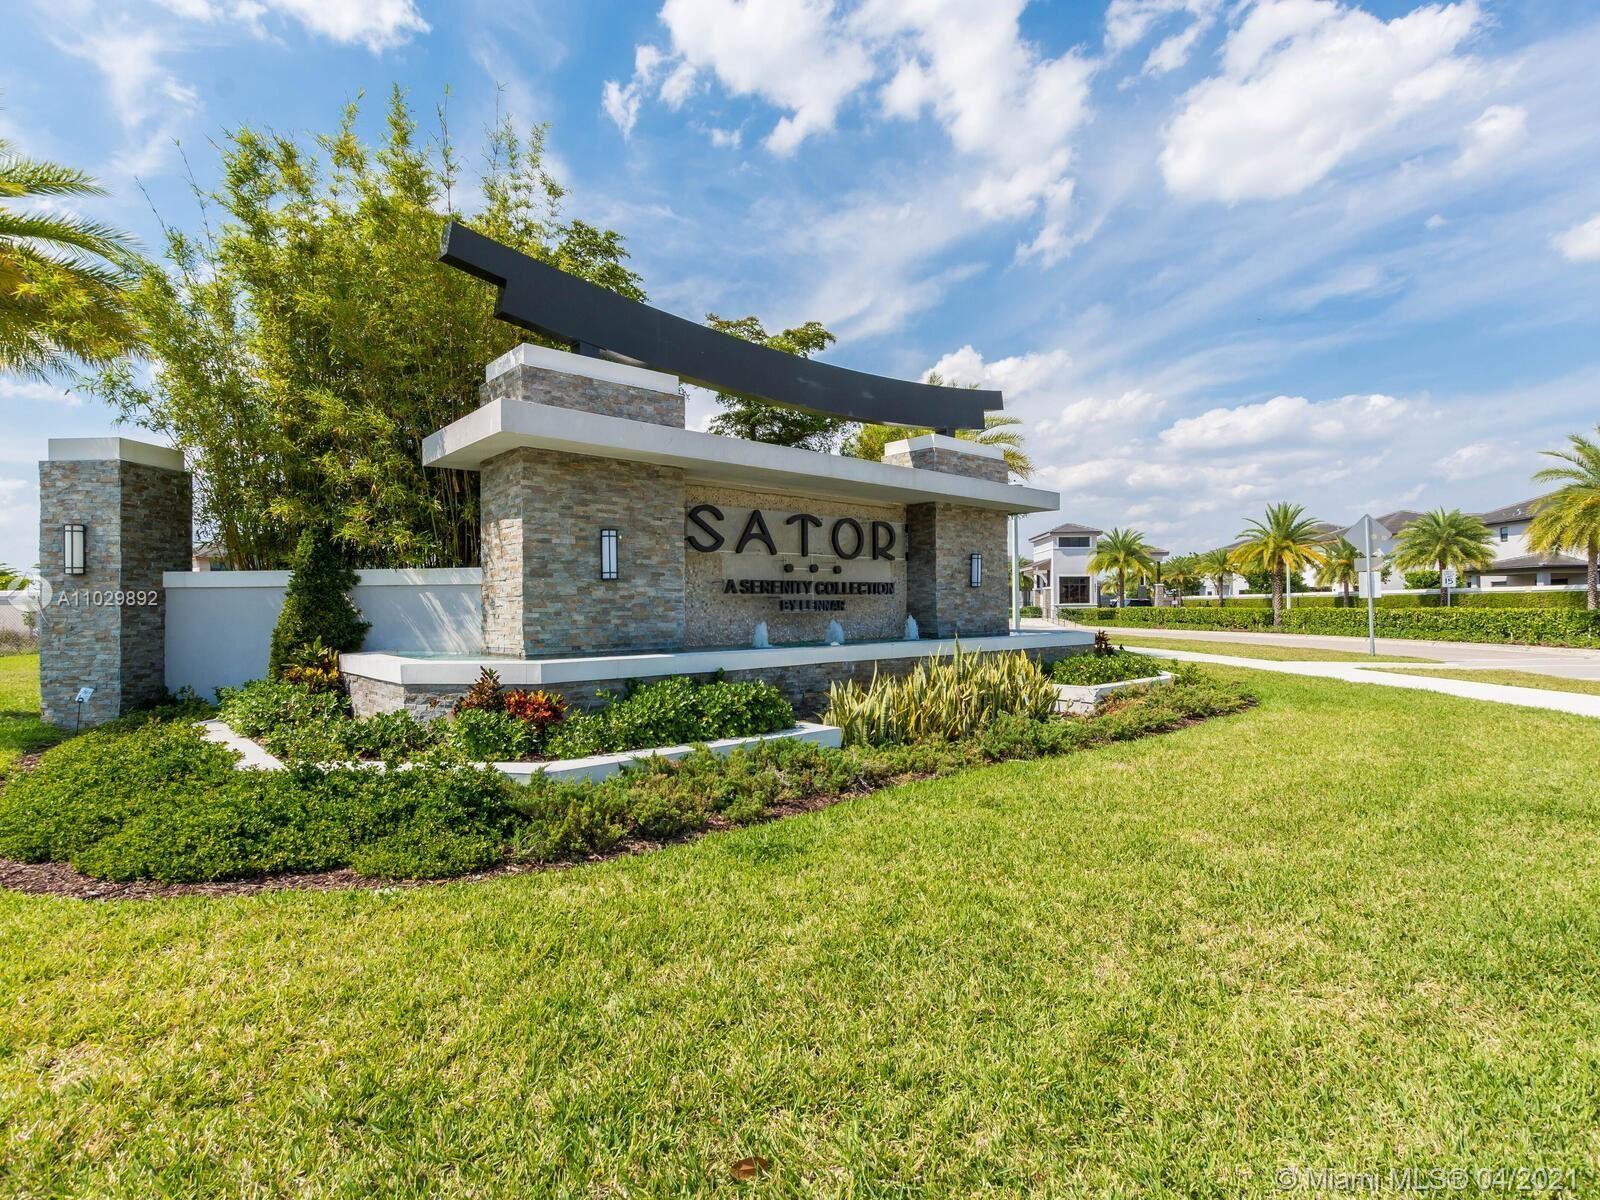 15788 NW 91st Ct, Miami Lakes, FL 33018 - #: A11029892